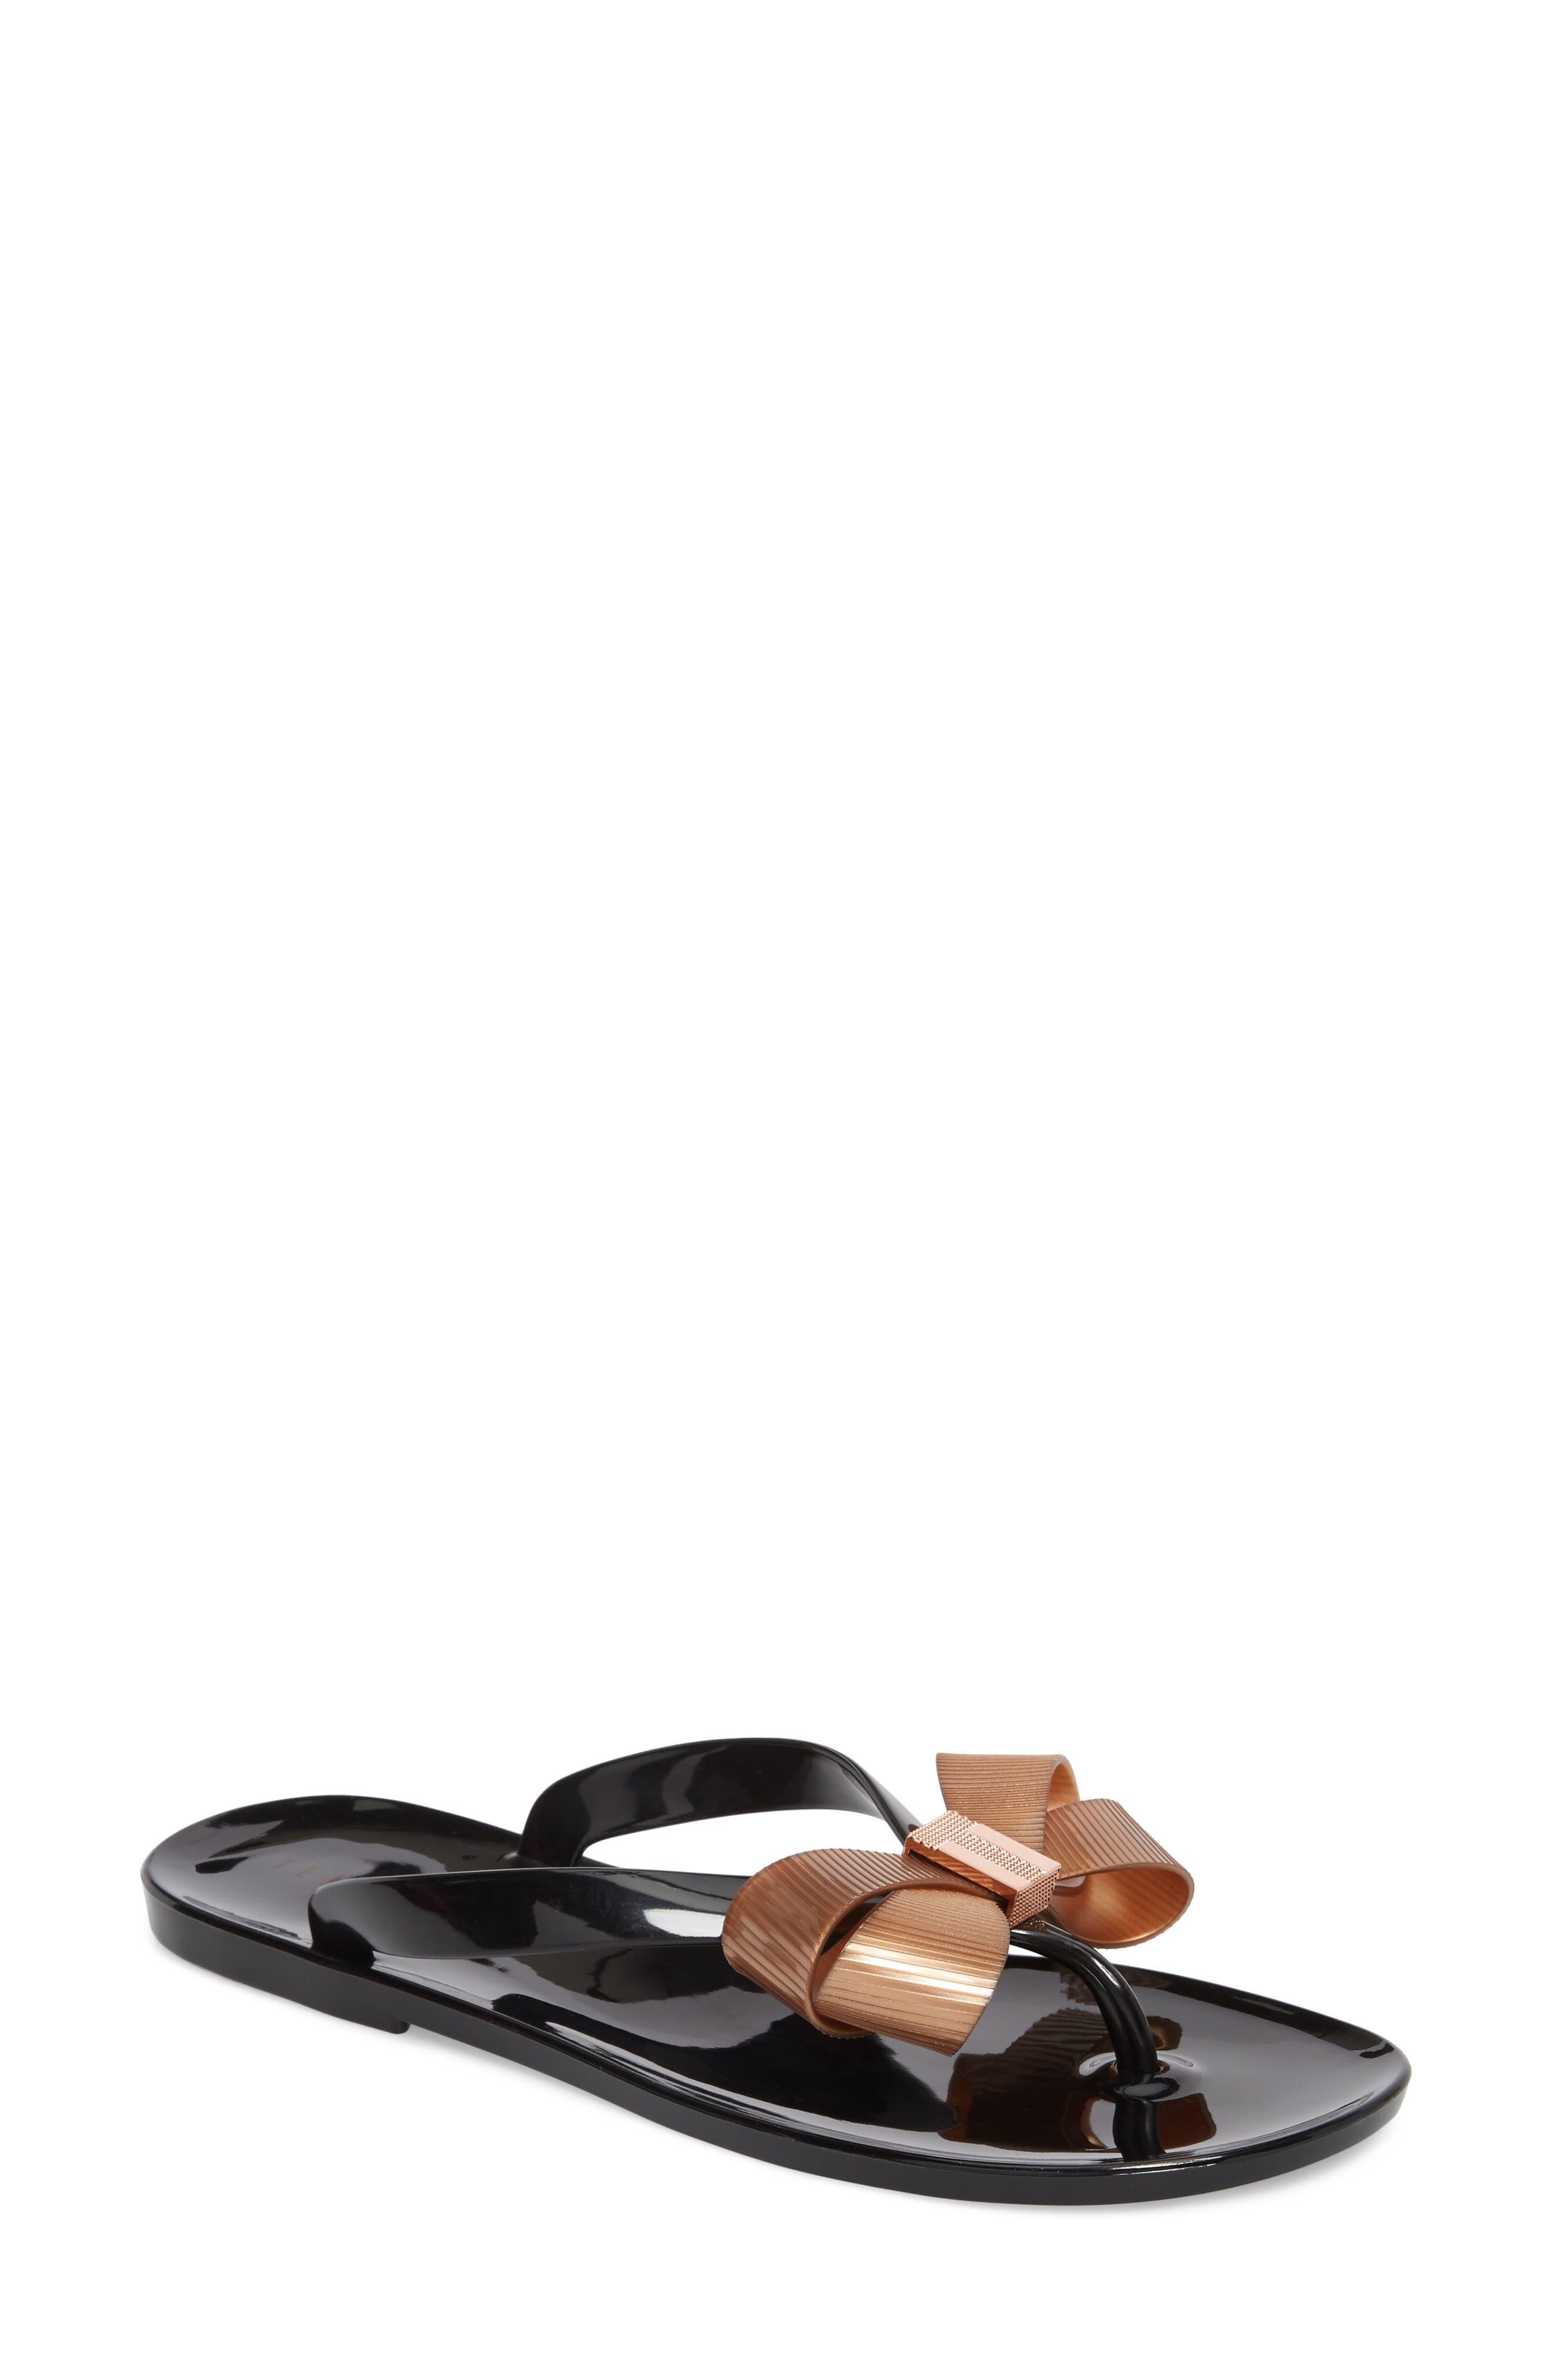 Suszie Flip Flop,                         Main,                         color, BLACK/ ROSE GOLD